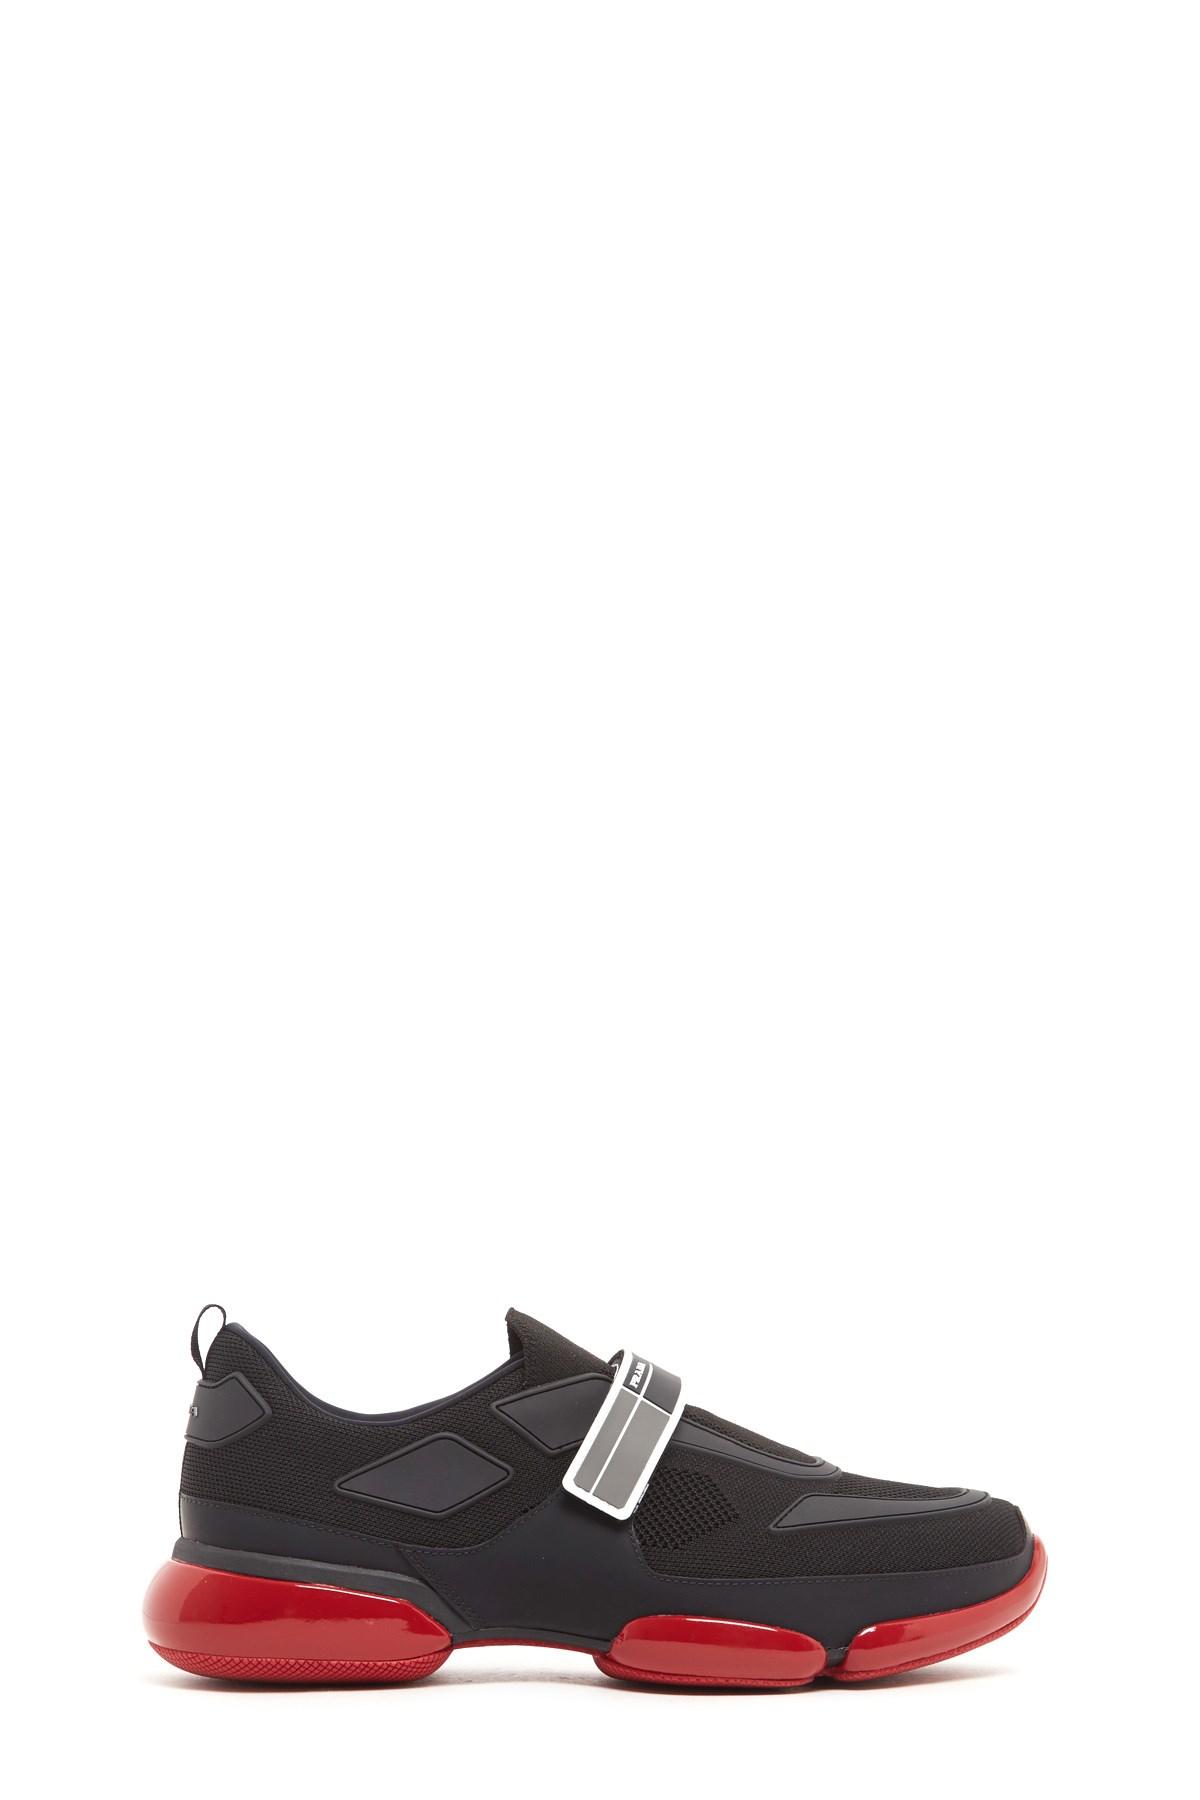 prada sneaker  Cloudbust  su julian-fashion.com - 61347 9b60d6f7990